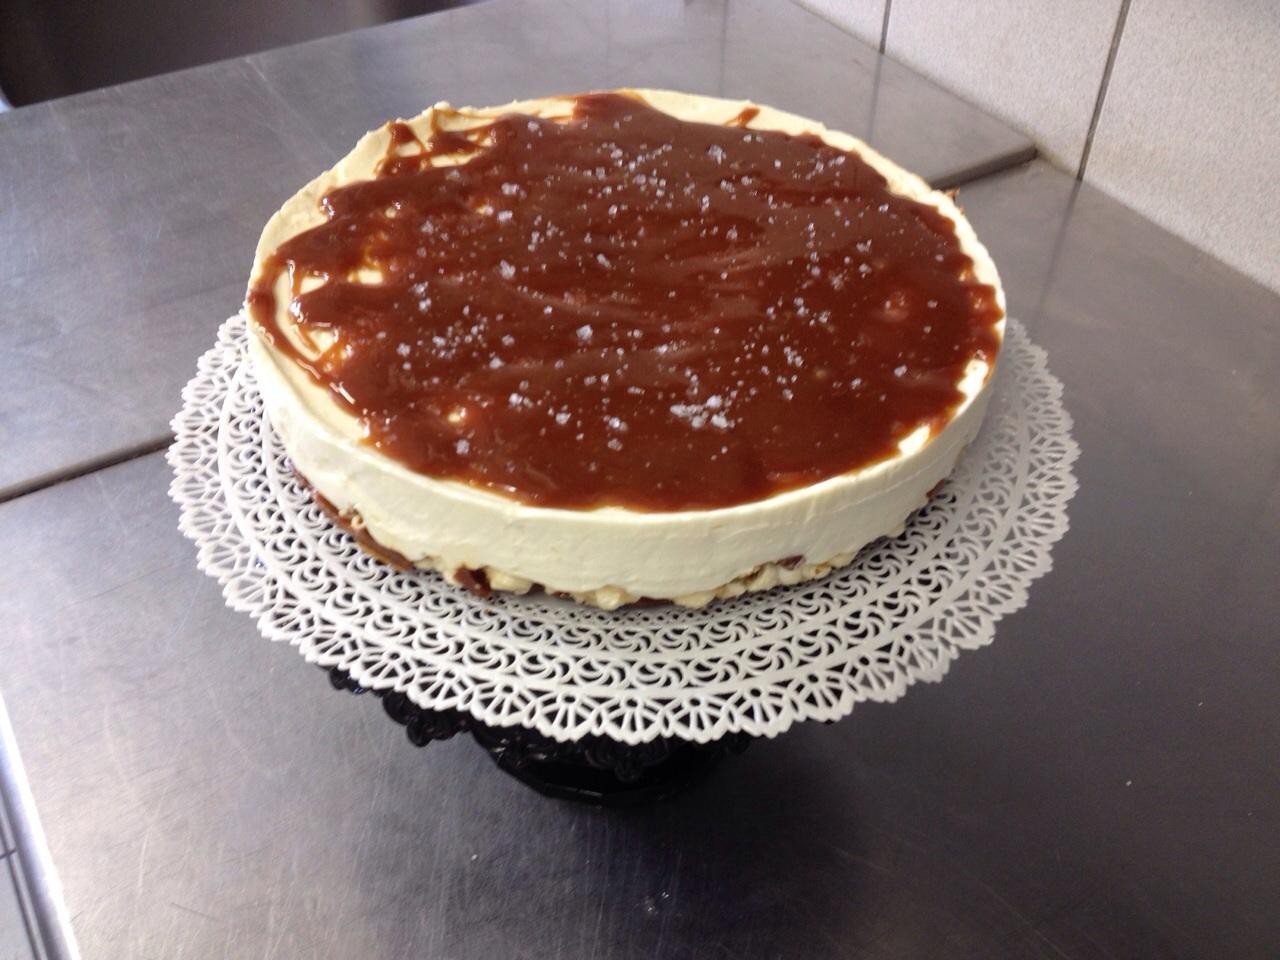 Cheesecake a freddo con base di mais scoppiato caramellato e copertura al caramello salato1